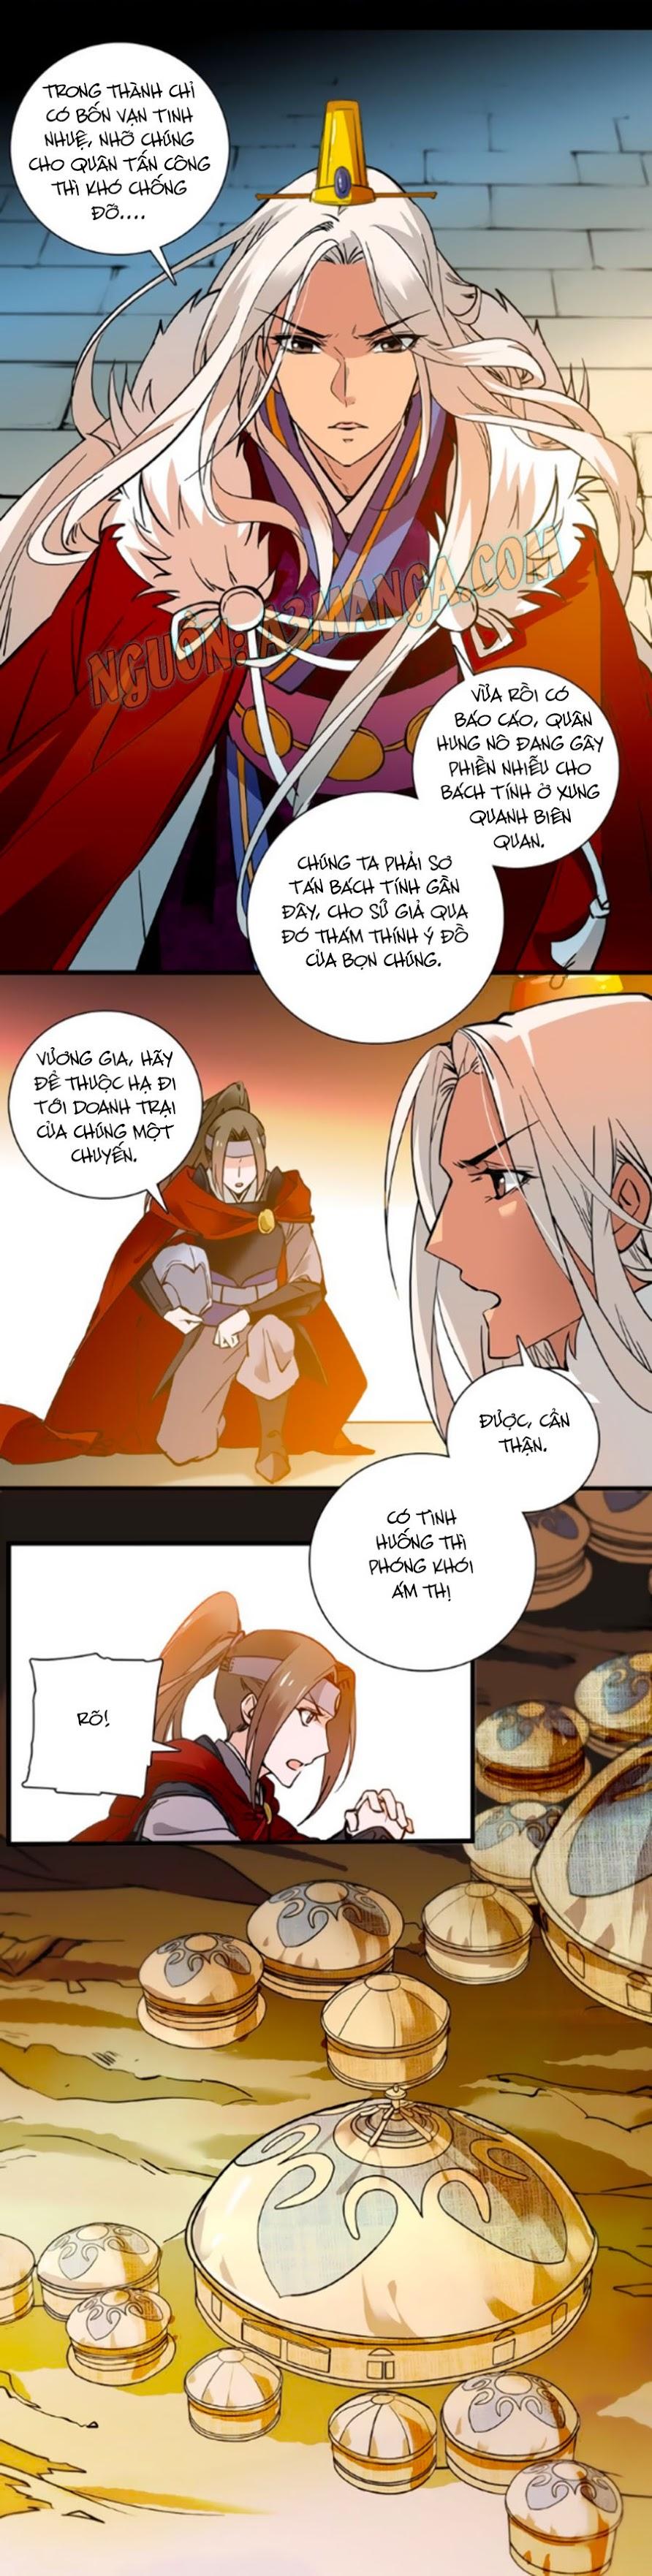 Hoàng Thượng! Hãy Sủng Ái Ta Đi! Chap 37